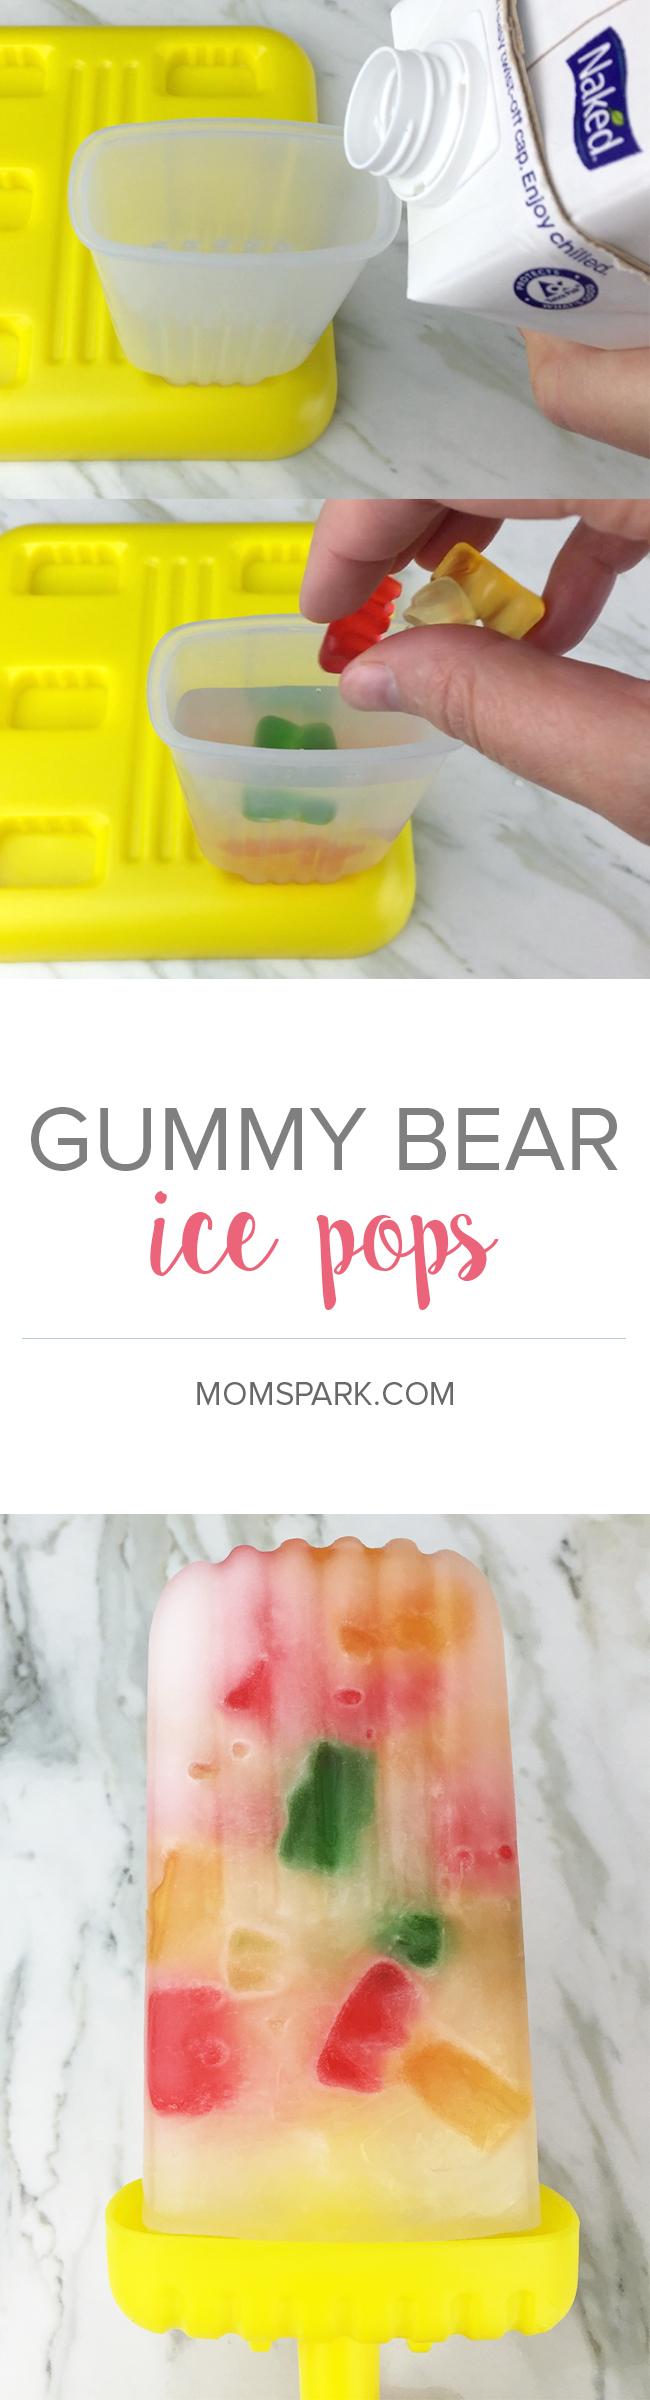 Gummy bear ice pops - so easy to make!